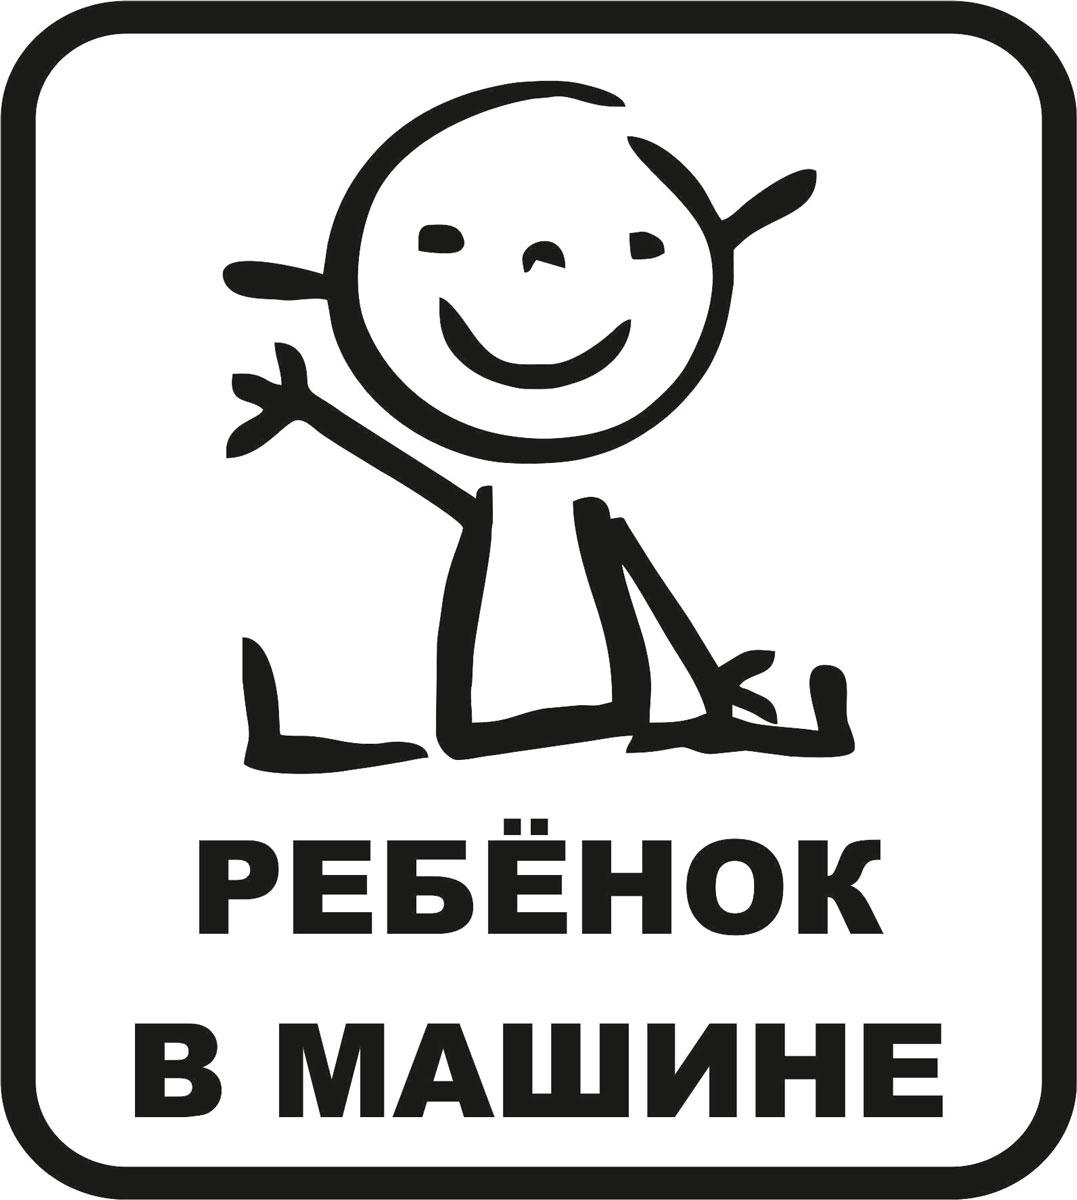 Наклейка автомобильная Оранжевый слоник Ребенок в машине, виниловая, цвет: черныйSC-FD421005Оригинальная наклейка Оранжевый слоник Ребенок в машине изготовлена из высококачественного винила, который выполняет не только декоративную функцию, но и защищает кузов от небольших механических повреждений, либо скрывает уже существующие.Виниловые наклейки на авто - это не только красиво, но еще и быстро! Всего за несколько минут вы можете полностью преобразить свой автомобиль, сделать его ярким, необычным, особенным и неповторимым!